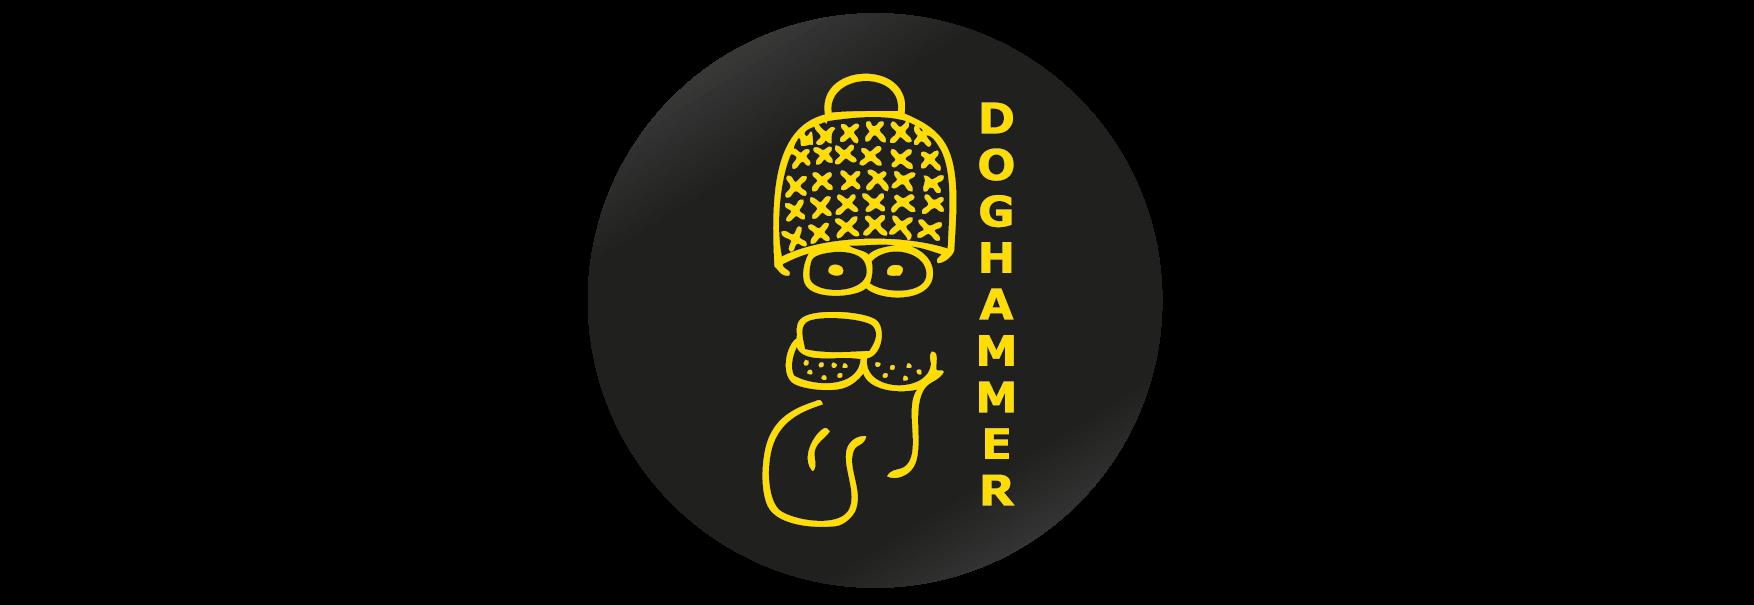 Doghammer ist unser neuer Sponsor mit feschen FlipFlops fürs Athletenteam